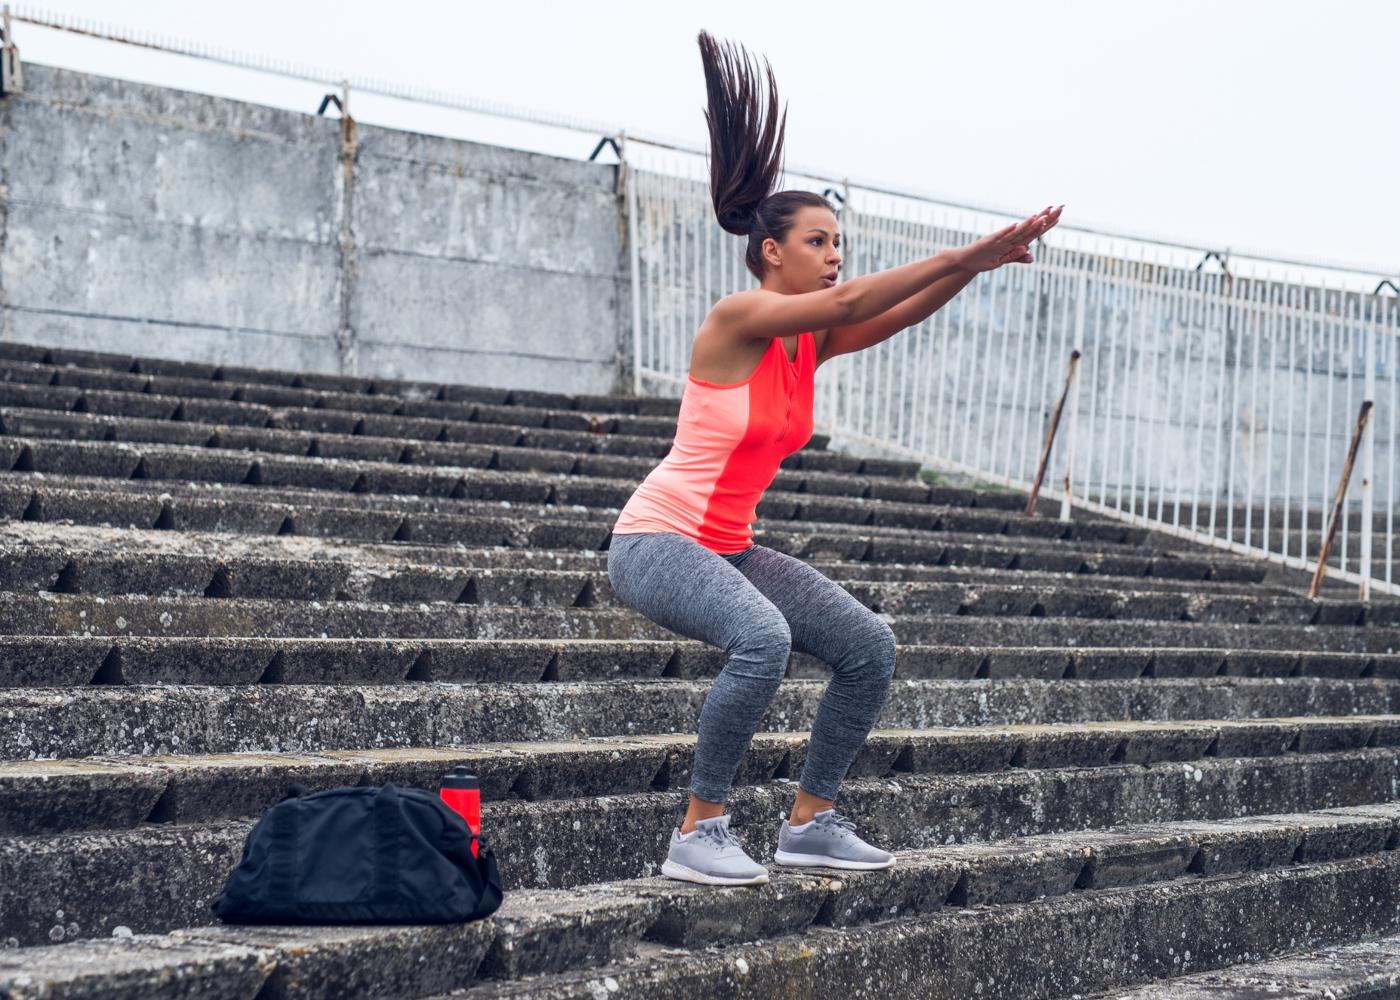 Treino de pernas ao ar livre: agachamento com salto